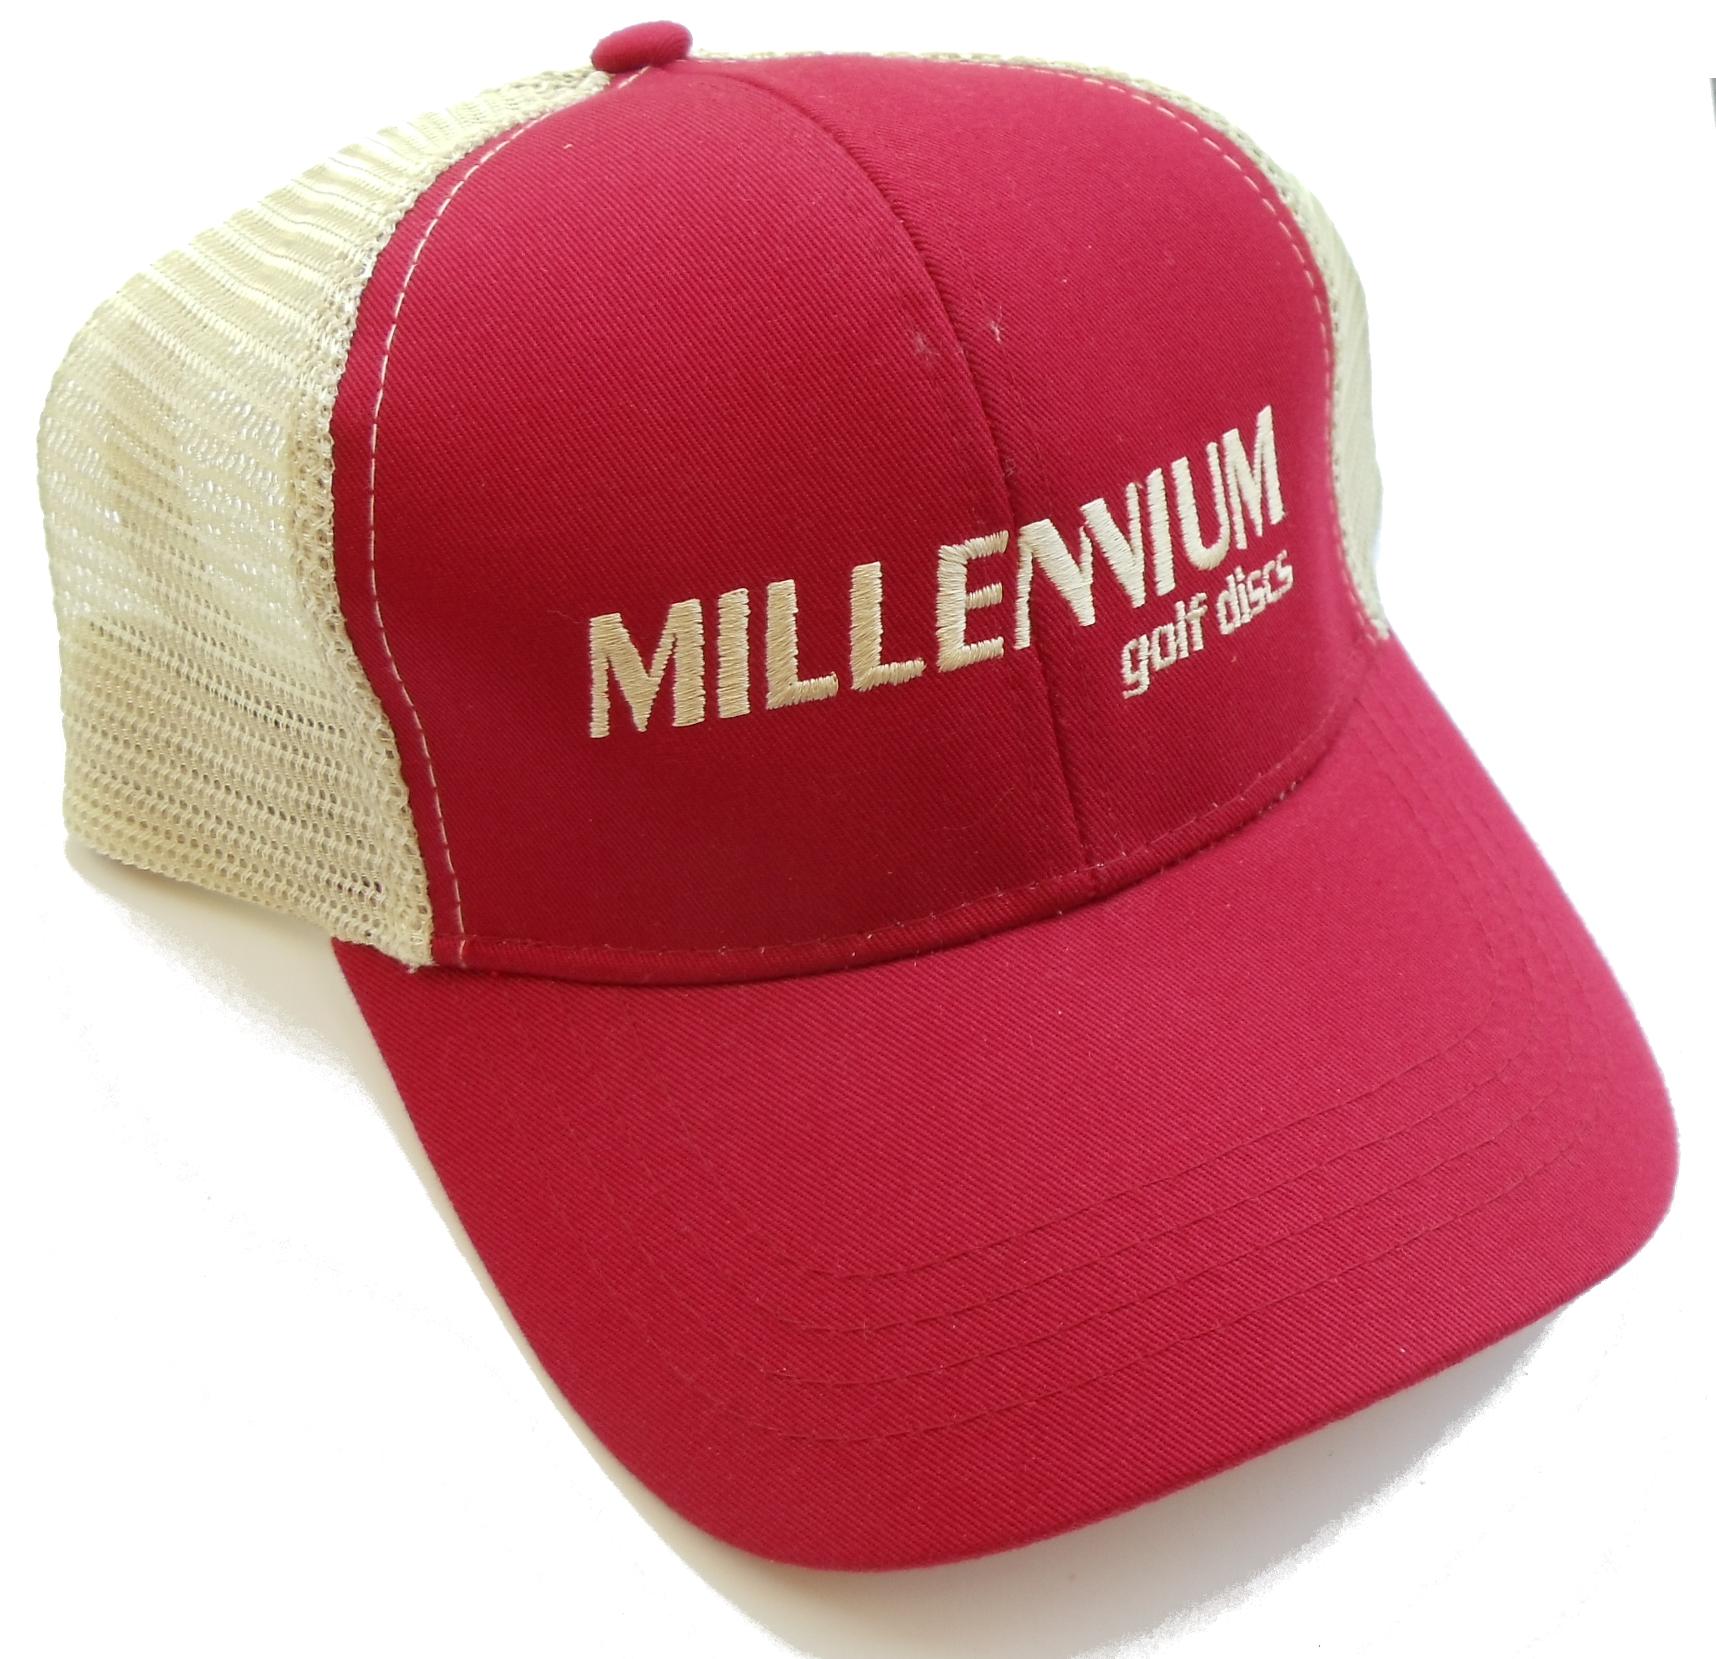 millennium trucker hat